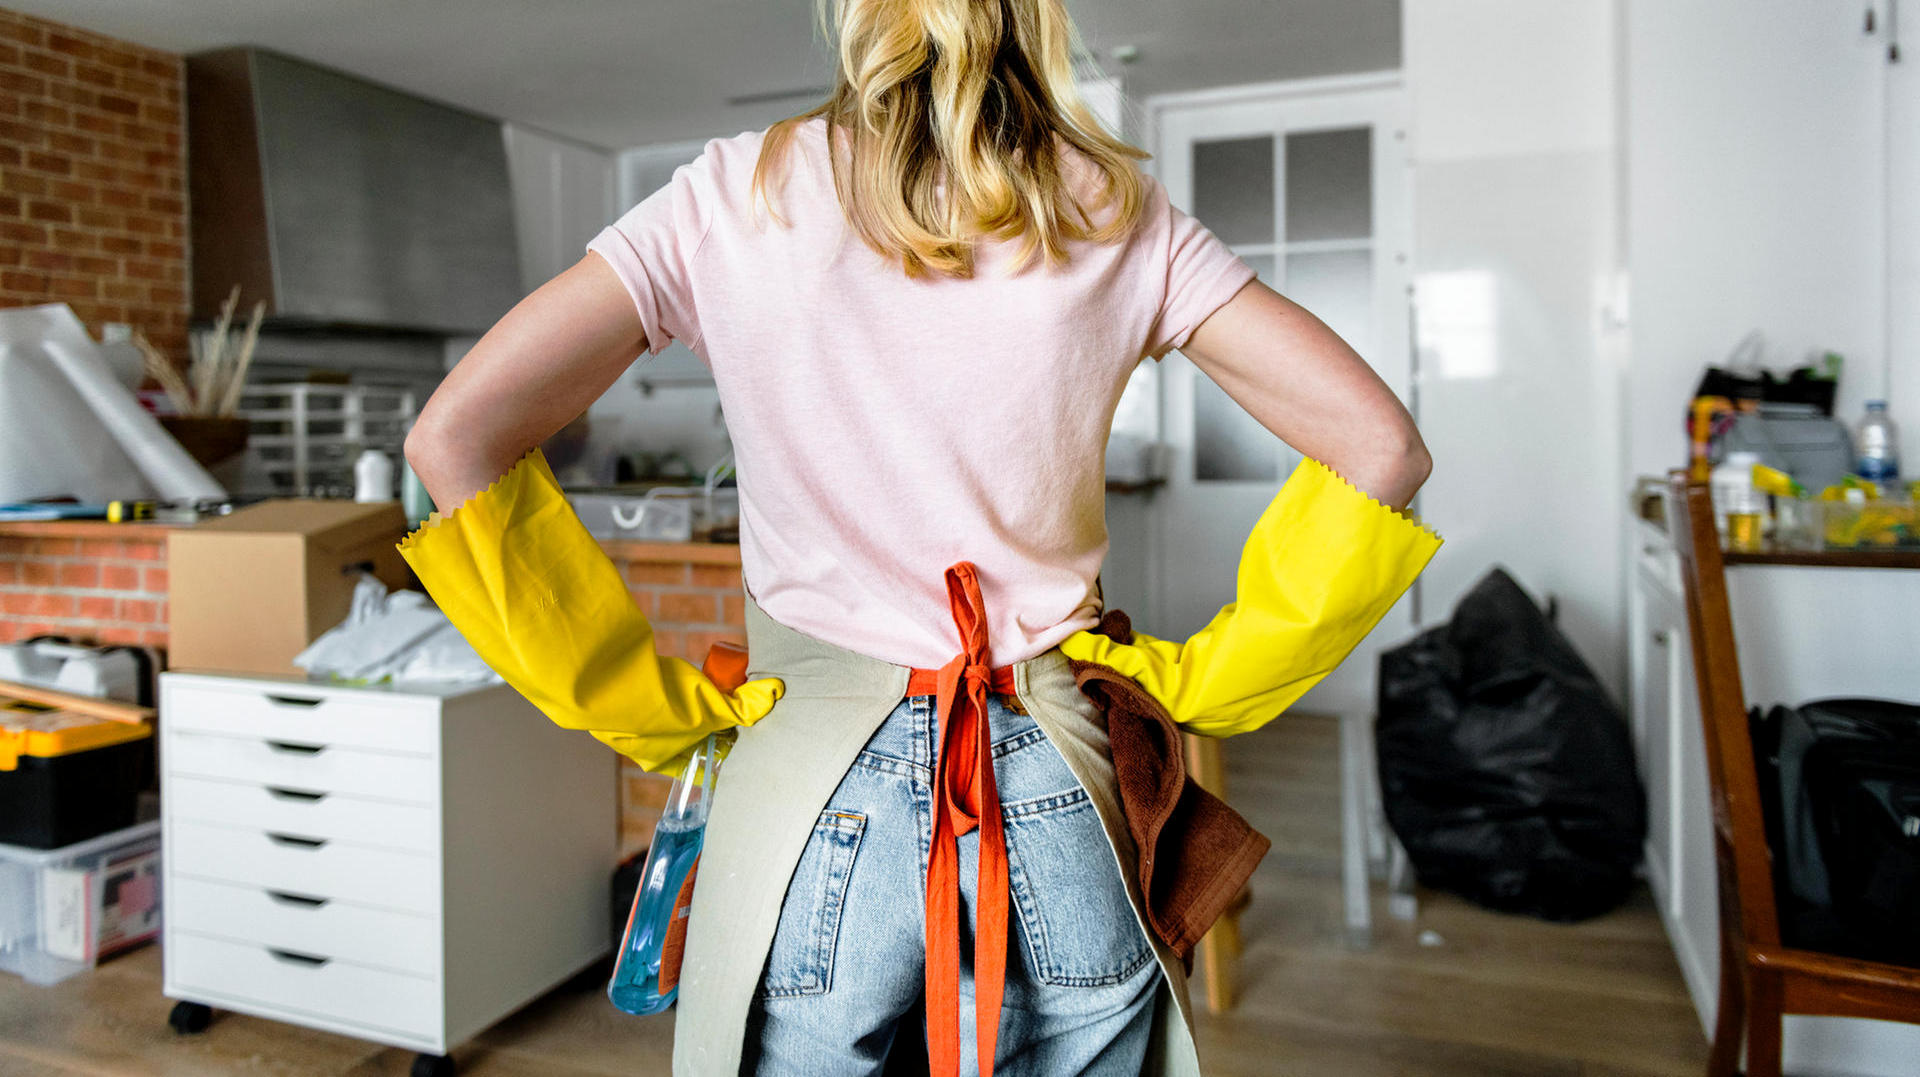 Типичные ошибки при уборке, которые сделают ваш дом еще грязнее - вы знали об этом? | идеальный клининг | яндекс дзен